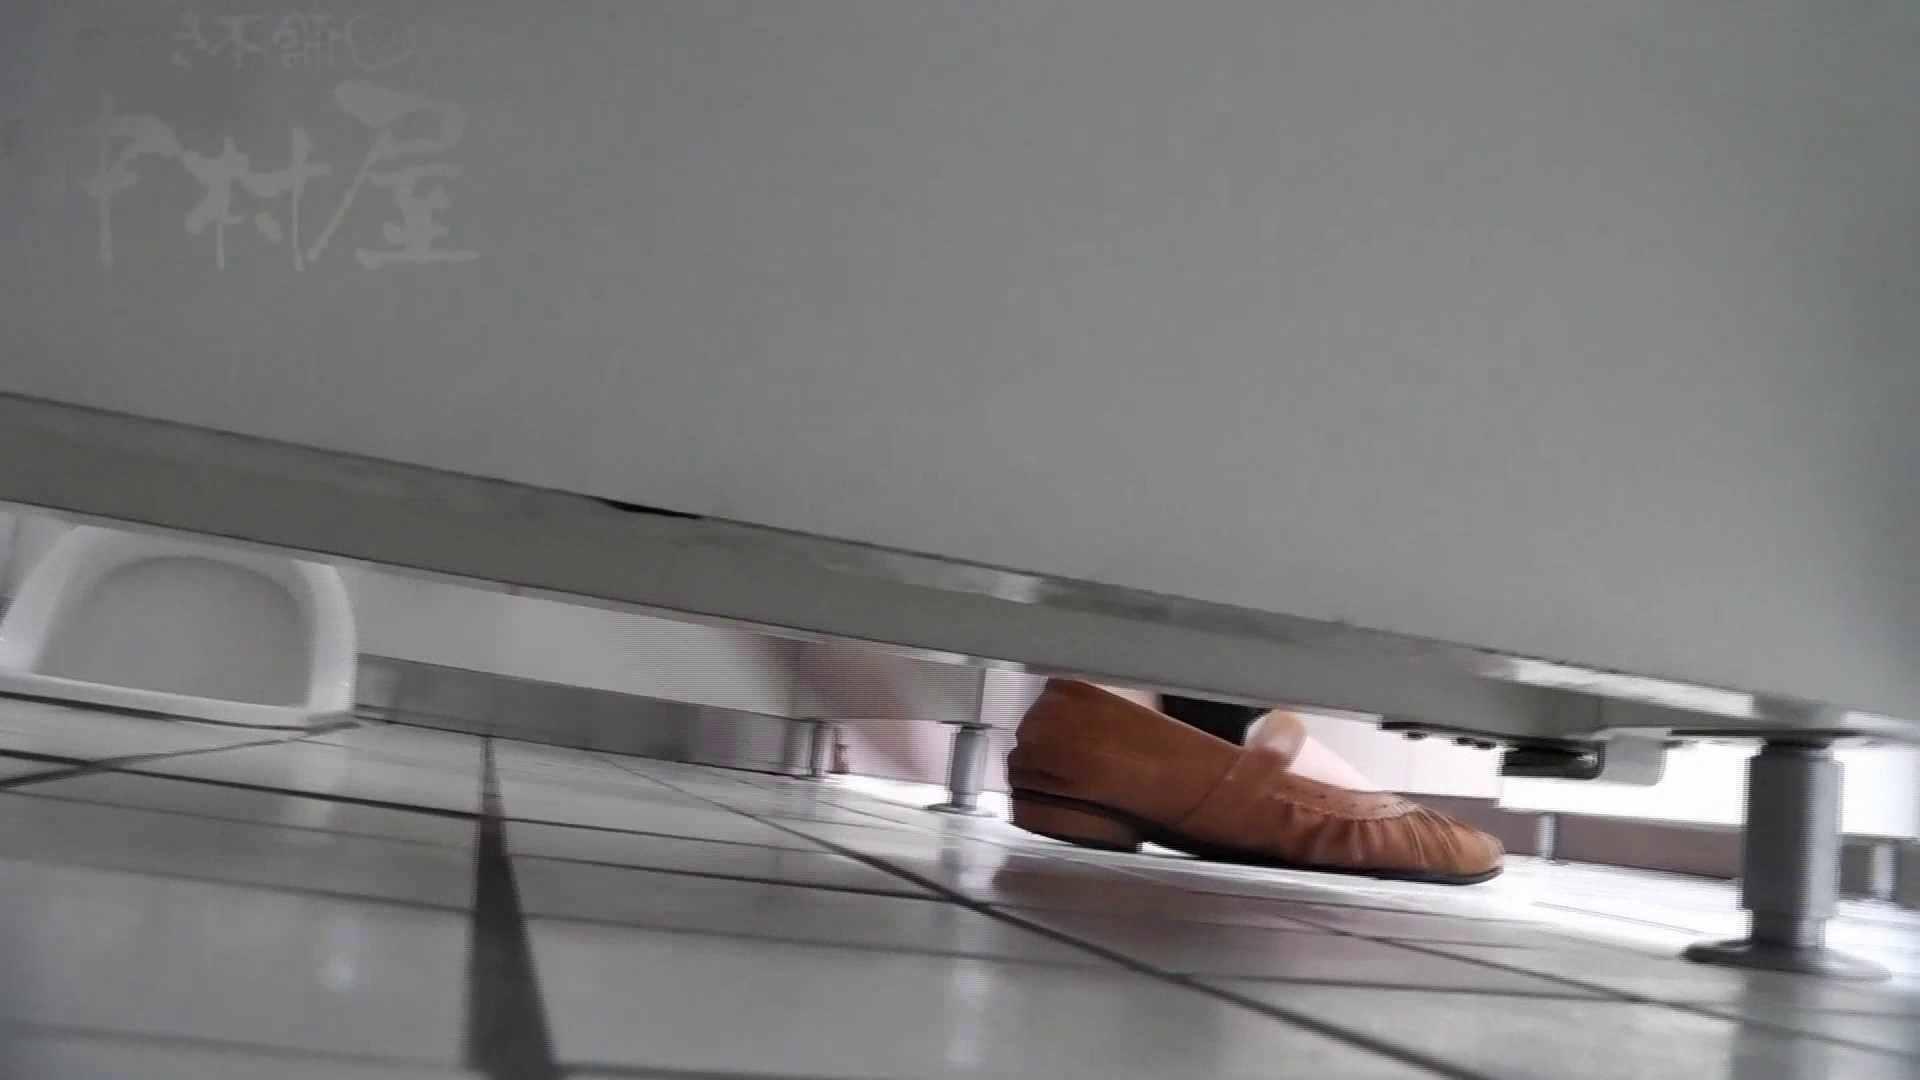 美しい日本の未来 No.29 豹柄サンダルはイ更●気味??? 盗撮 隠し撮りオマンコ動画紹介 111連発 101